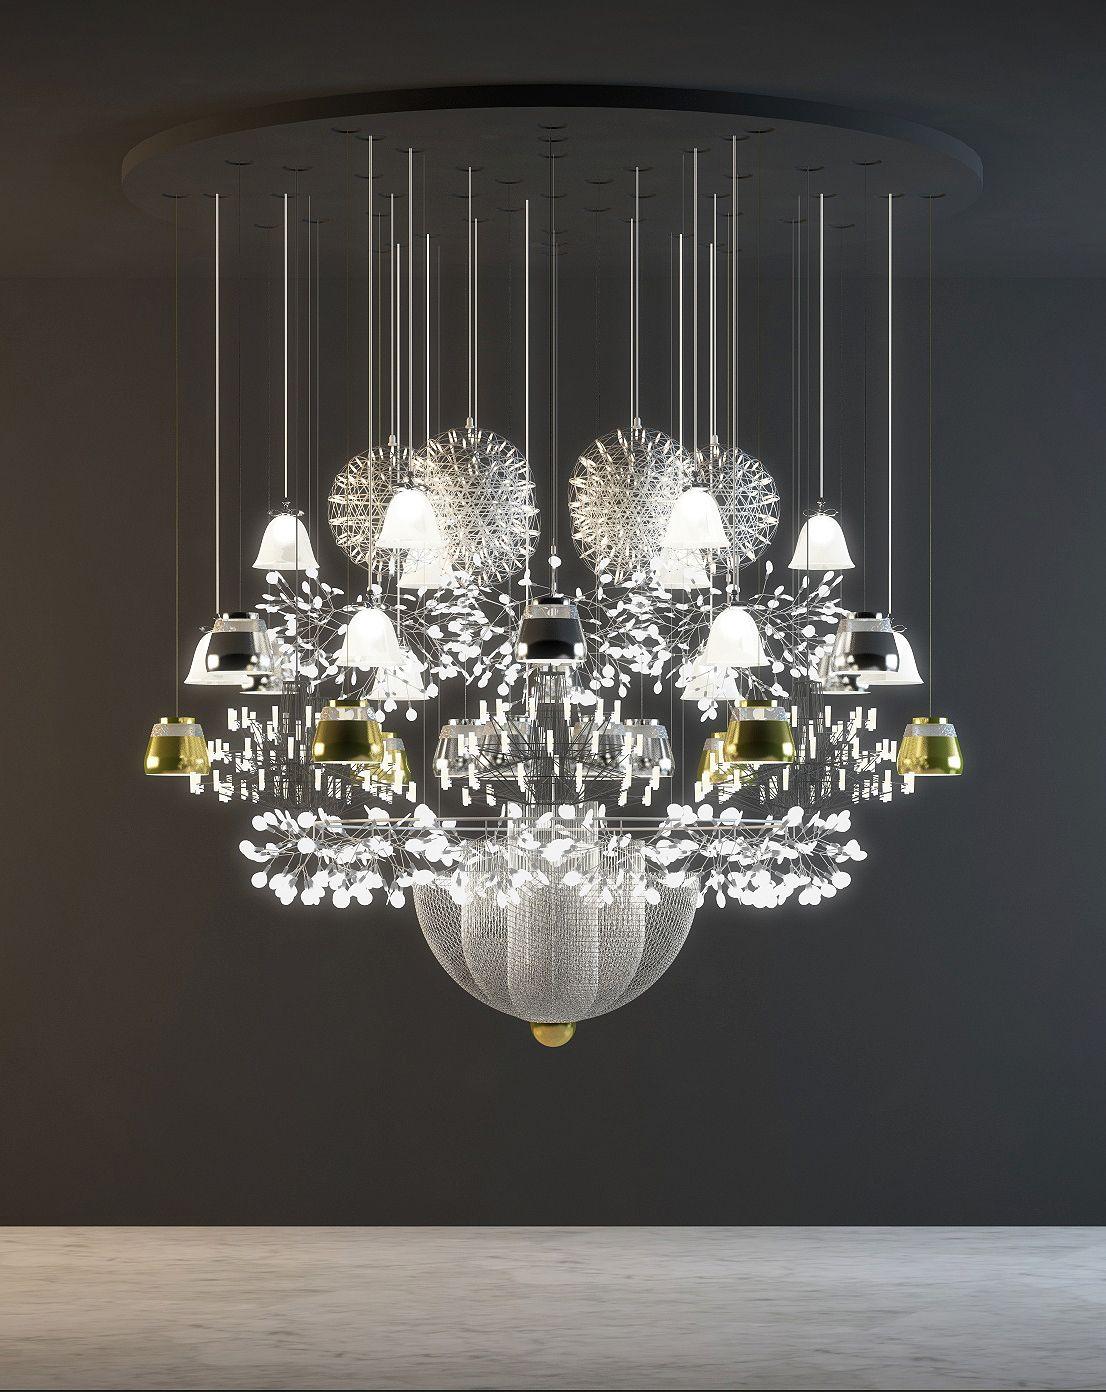 mega_chandelier_composition_2_-_v2